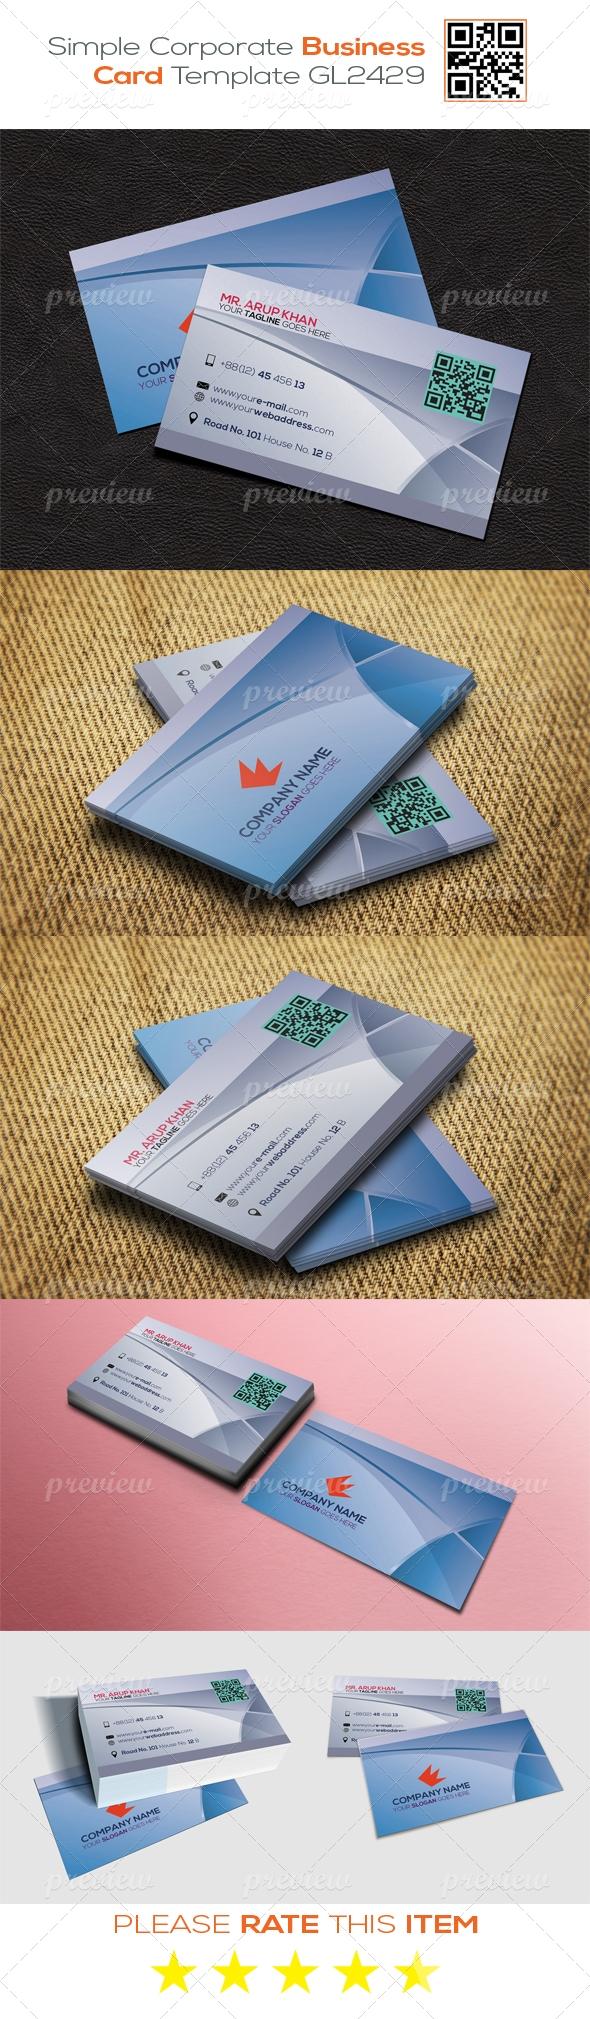 Simple Corporate Business Card Template GL2429